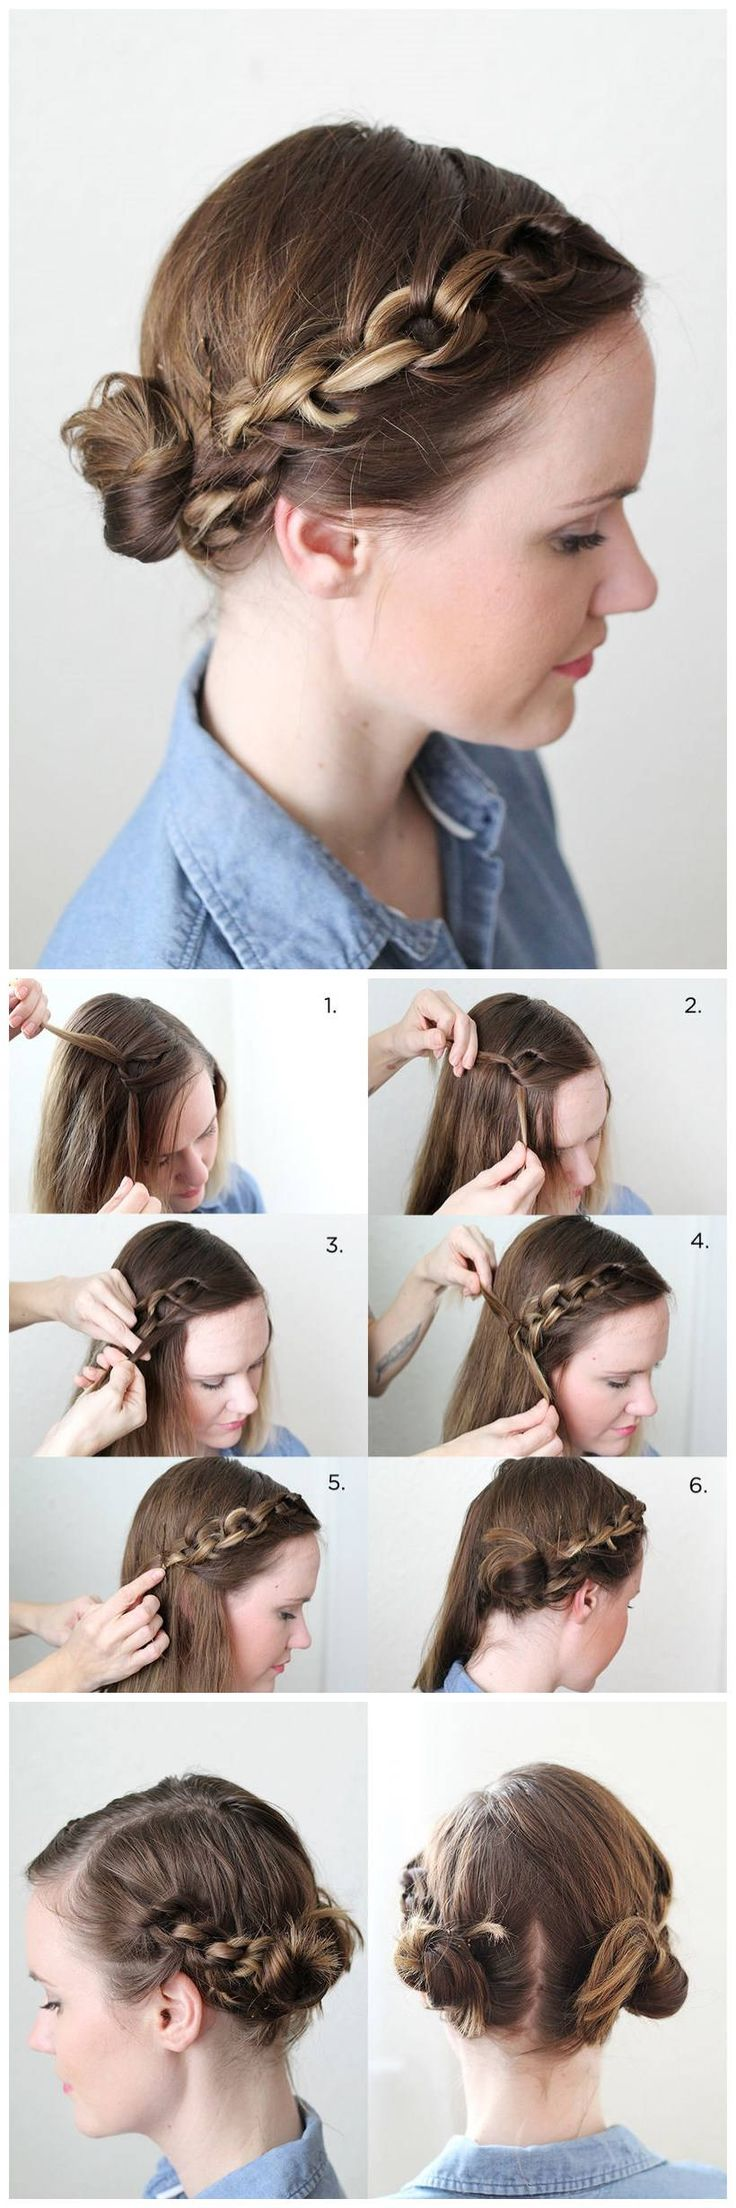 Hair Tutorial: How to do A Cute Chain Braid